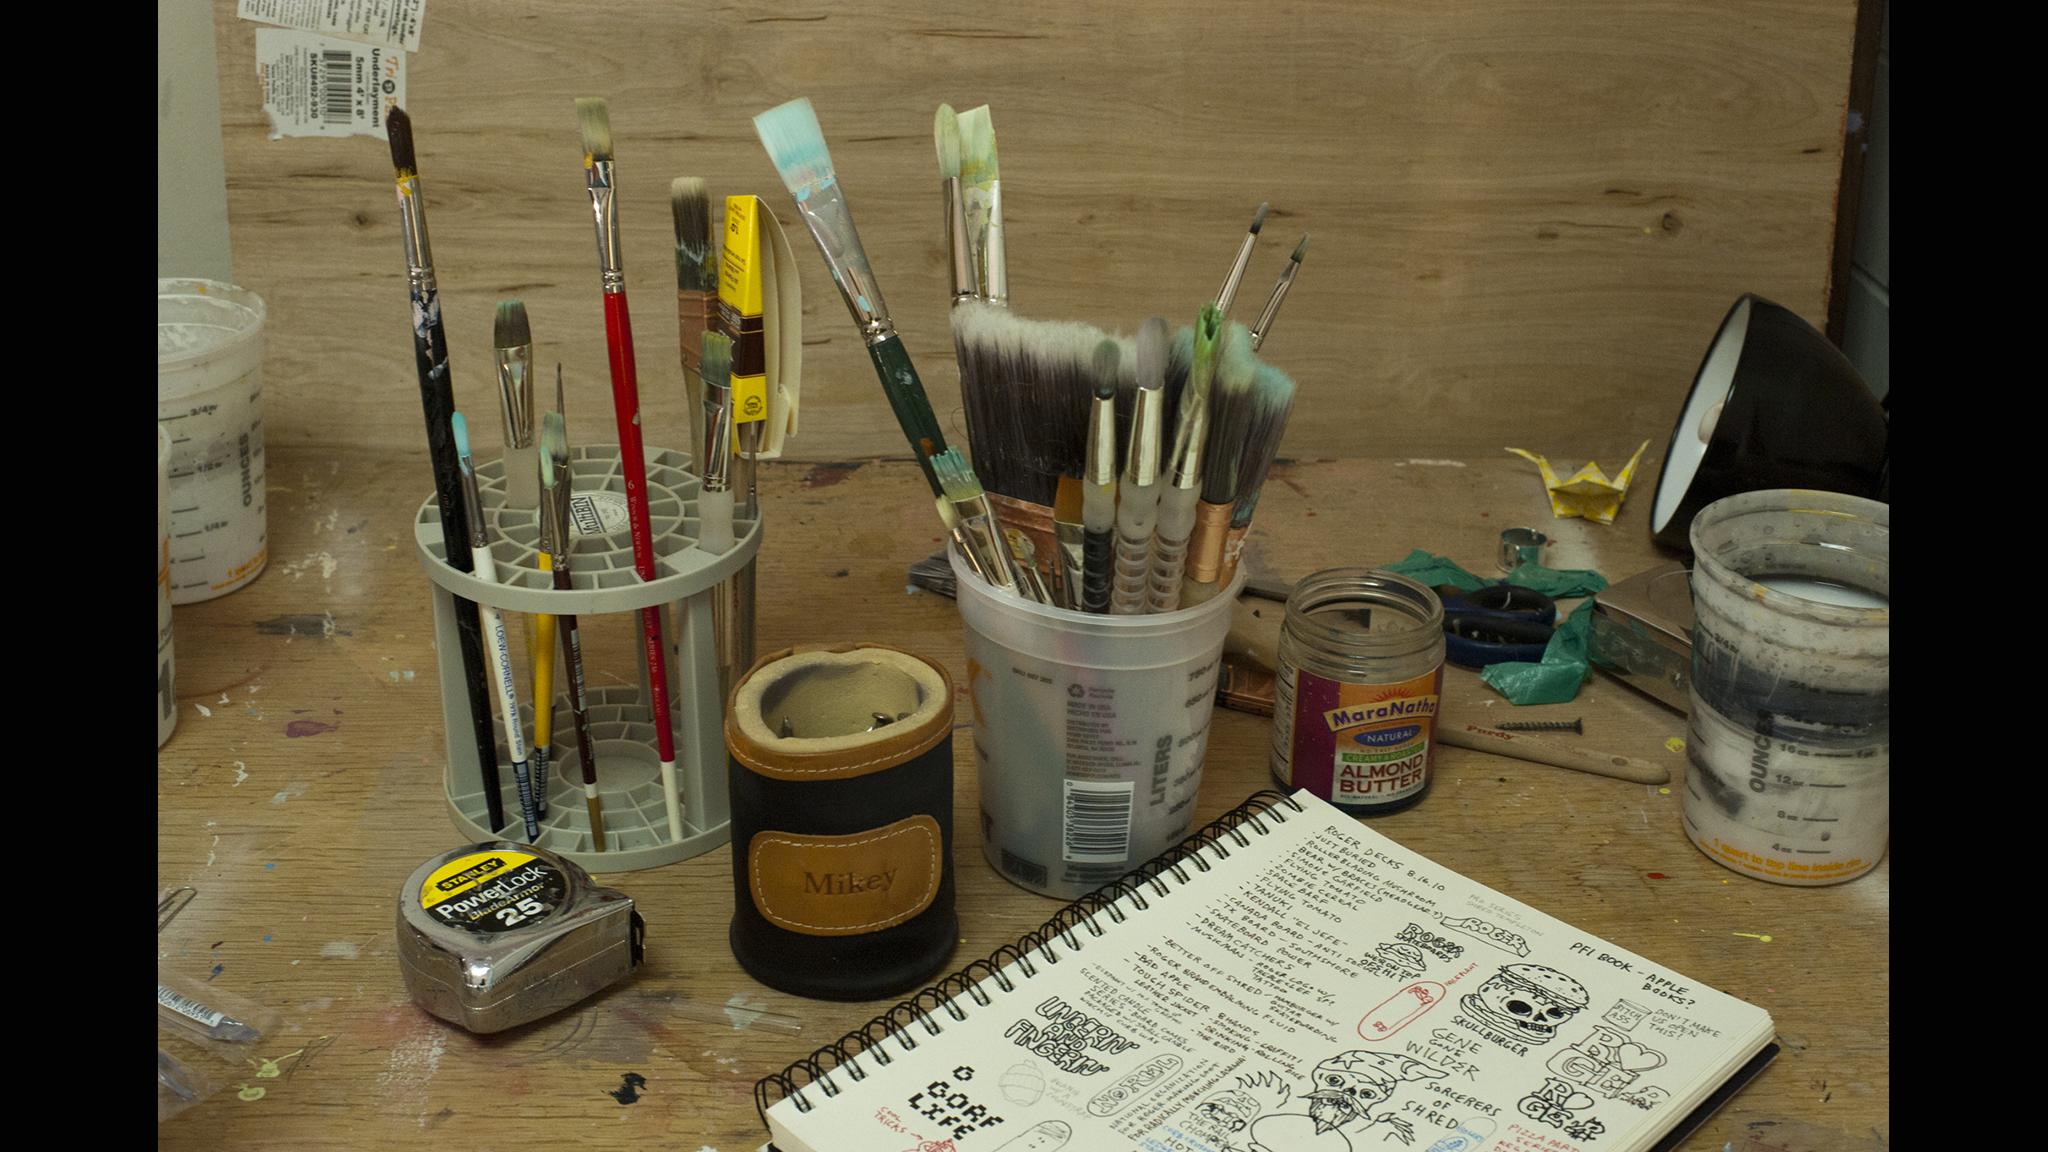 Sieben's studio